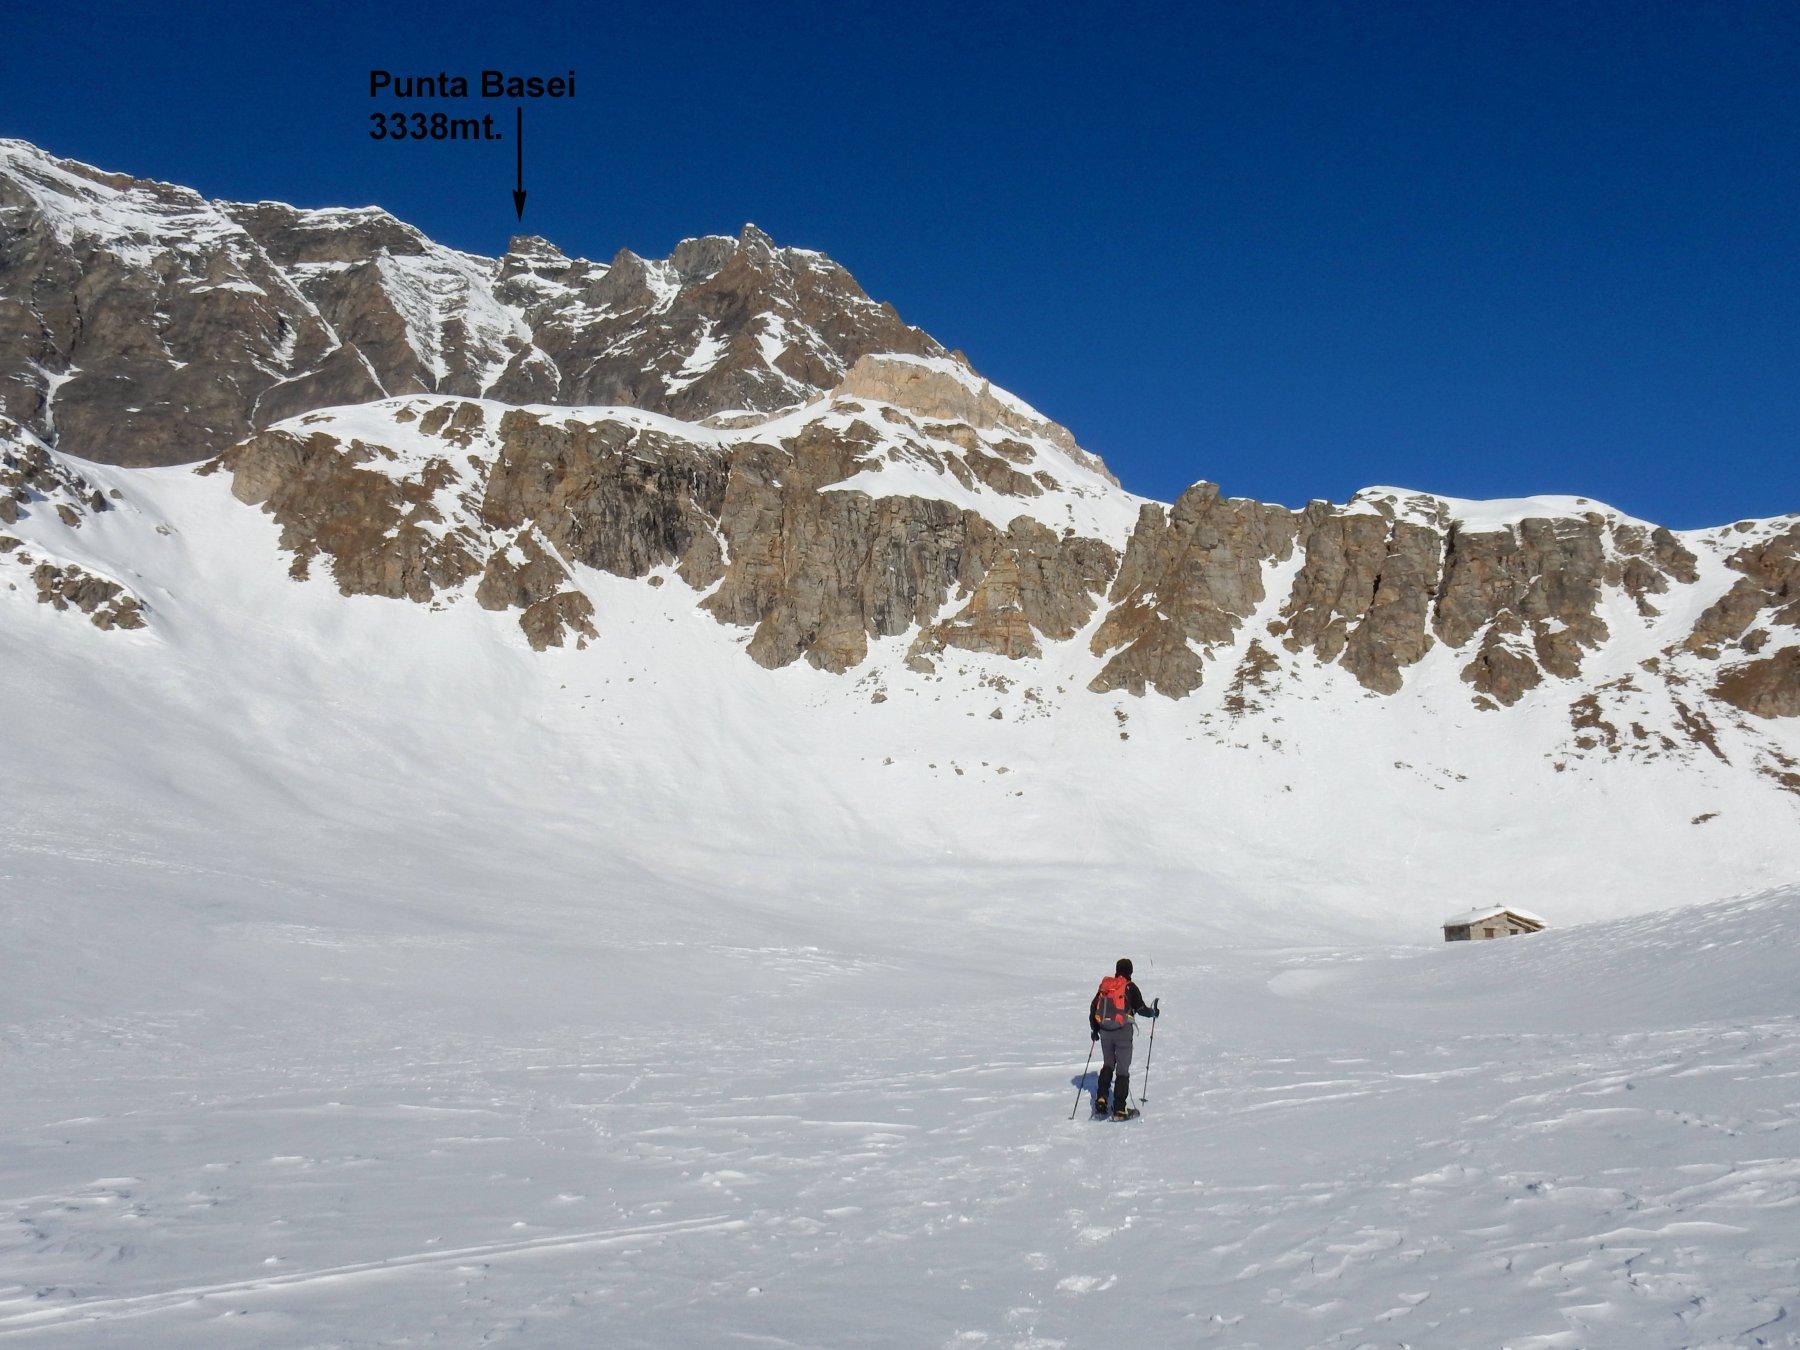 Verso l'Alpe Agnel.